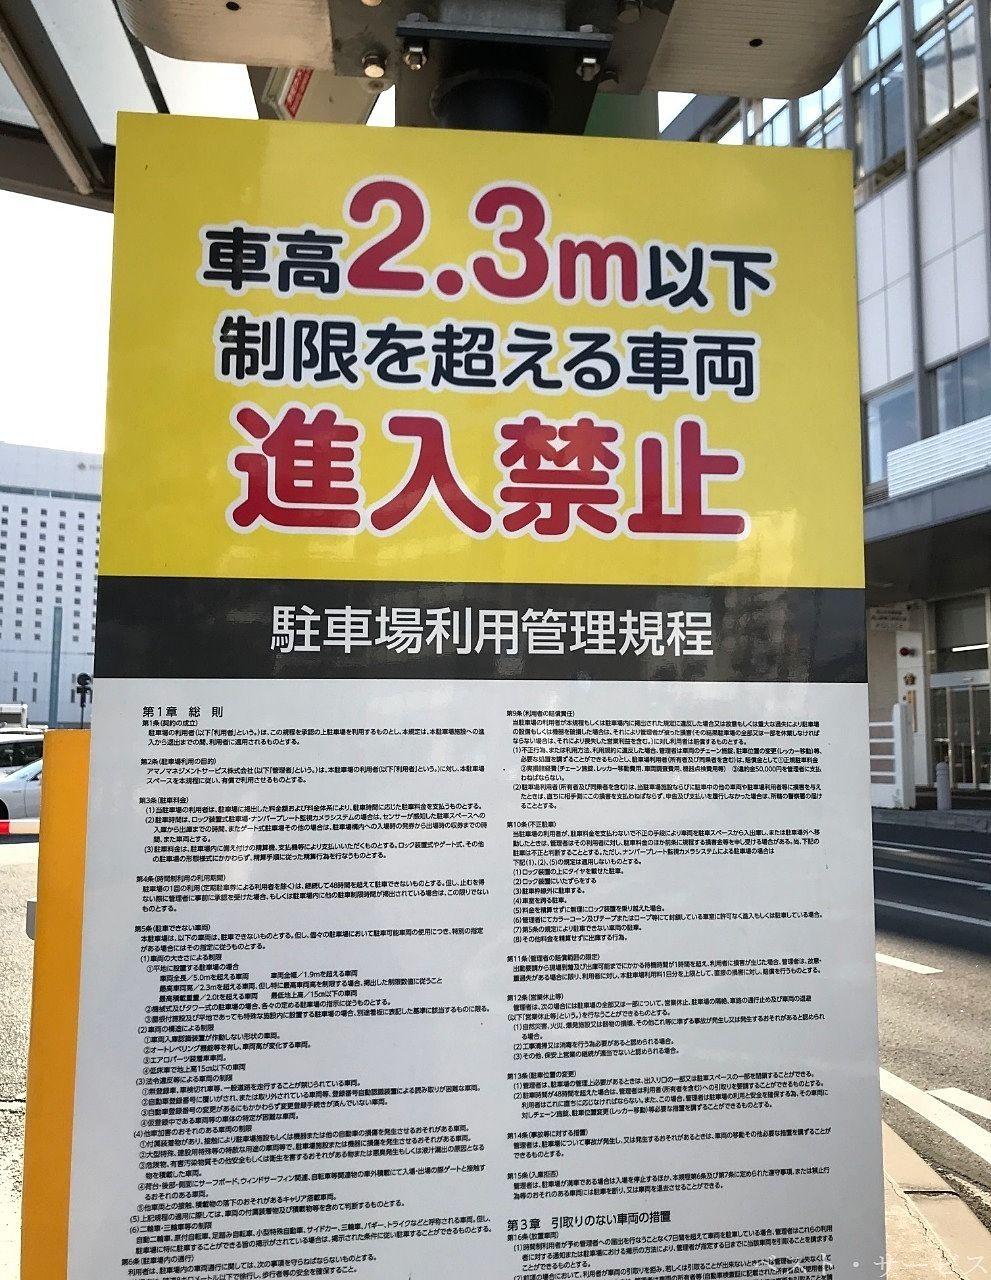 駐車場利用管理規程